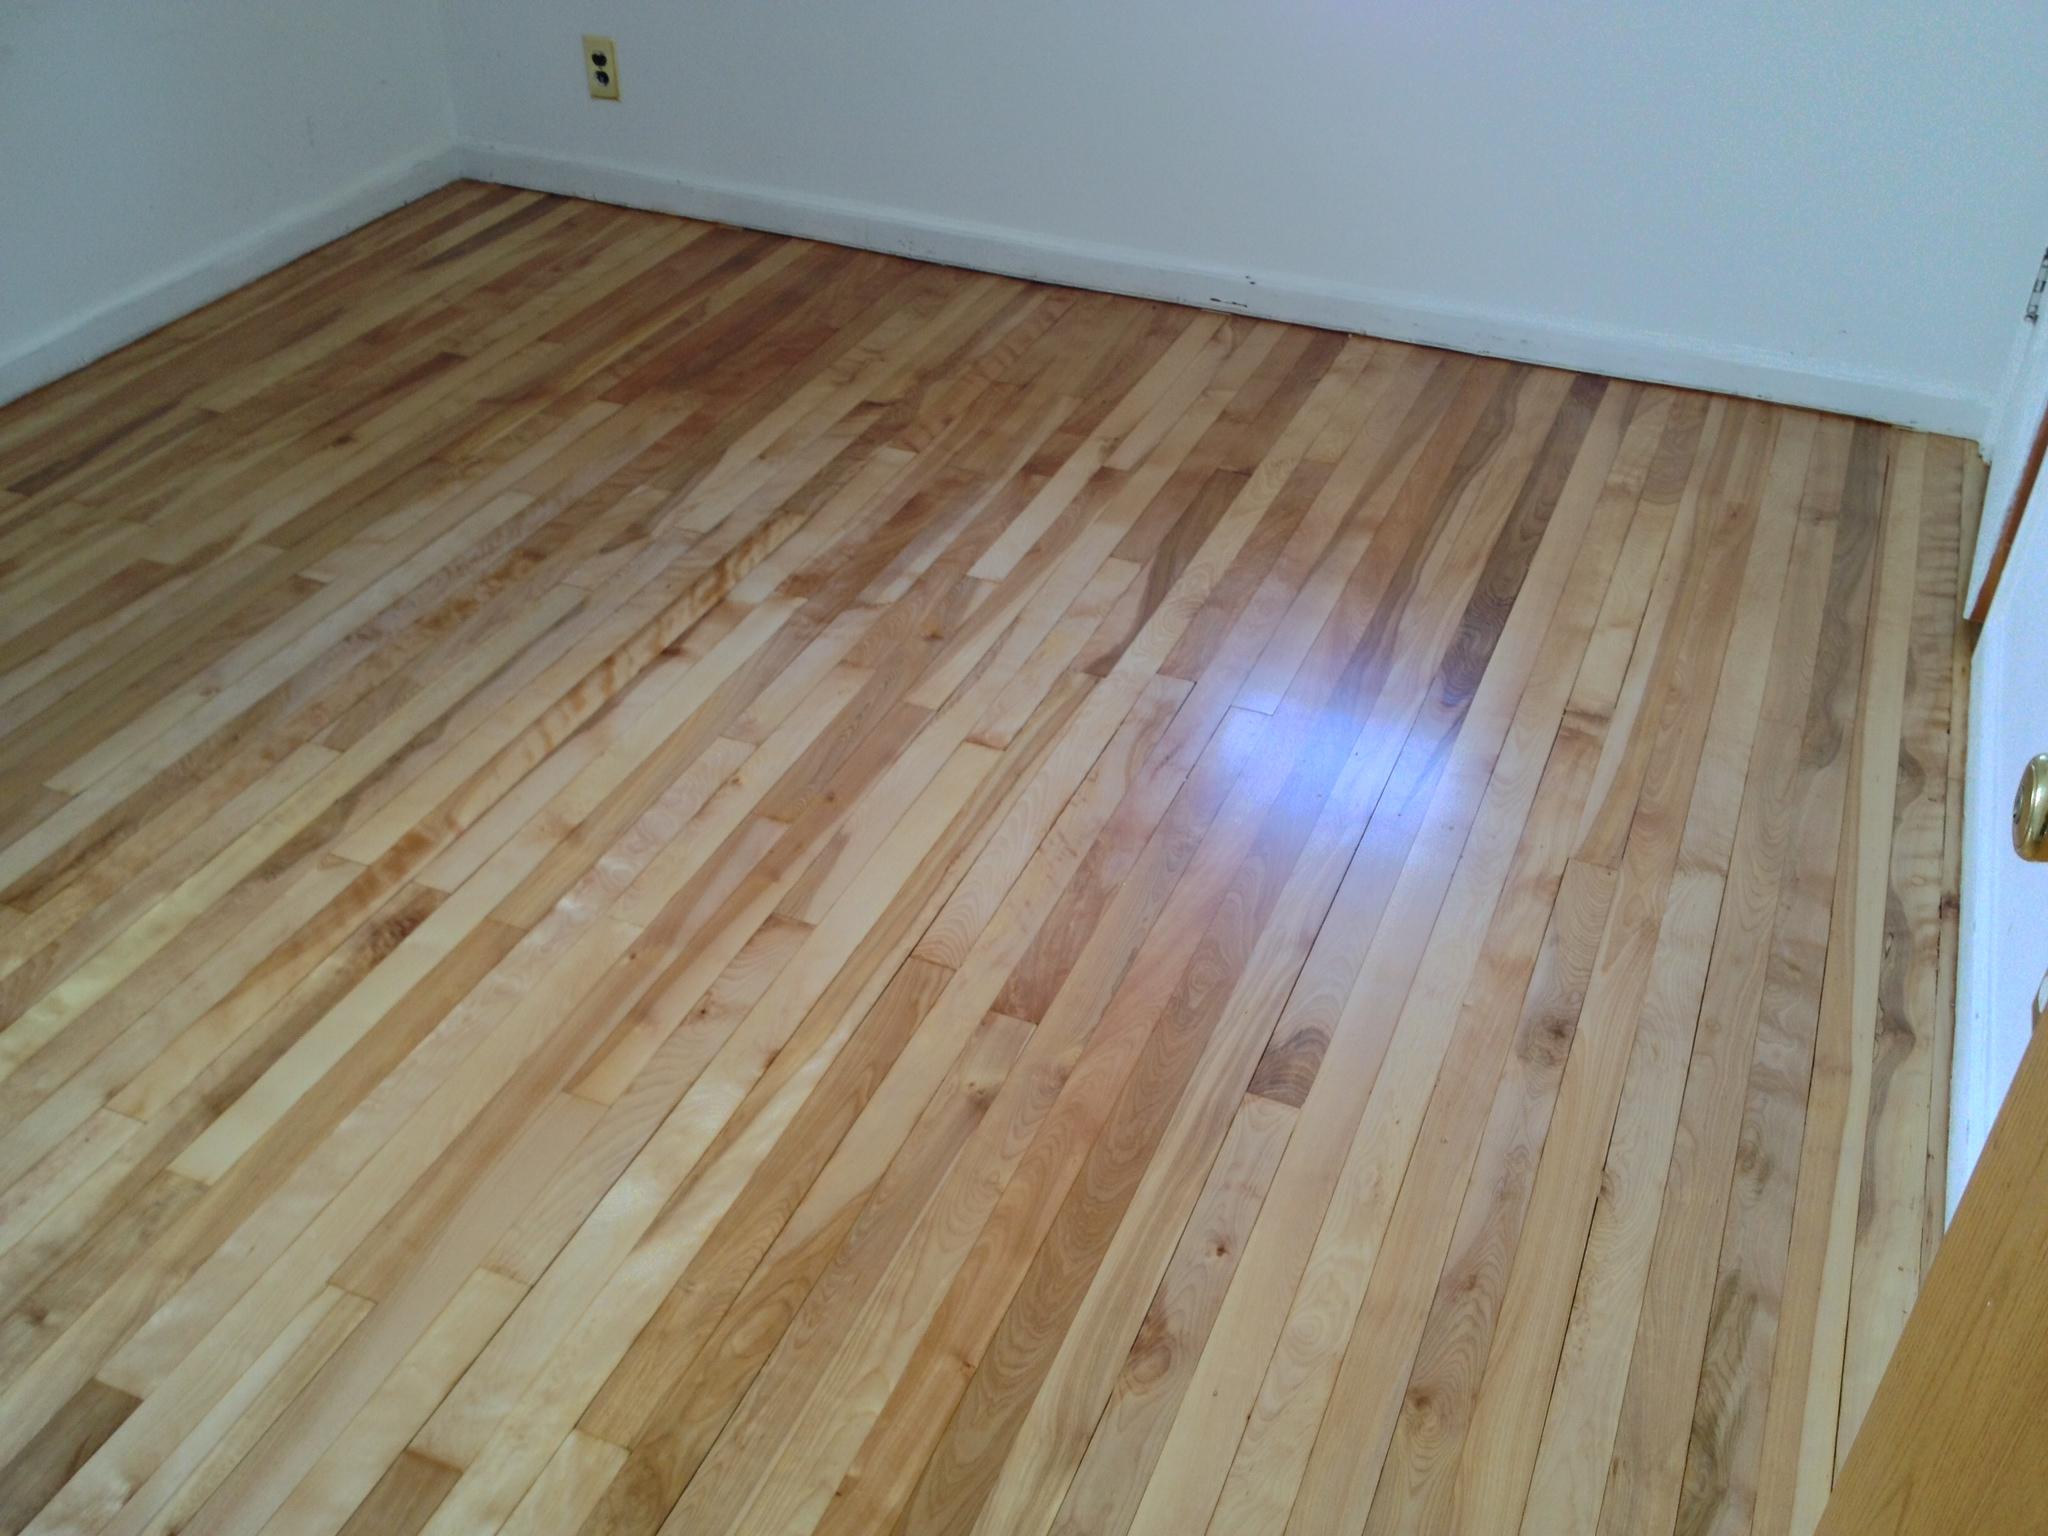 Milwaukees Leading Hardwood Floor Specialist Royal Wood